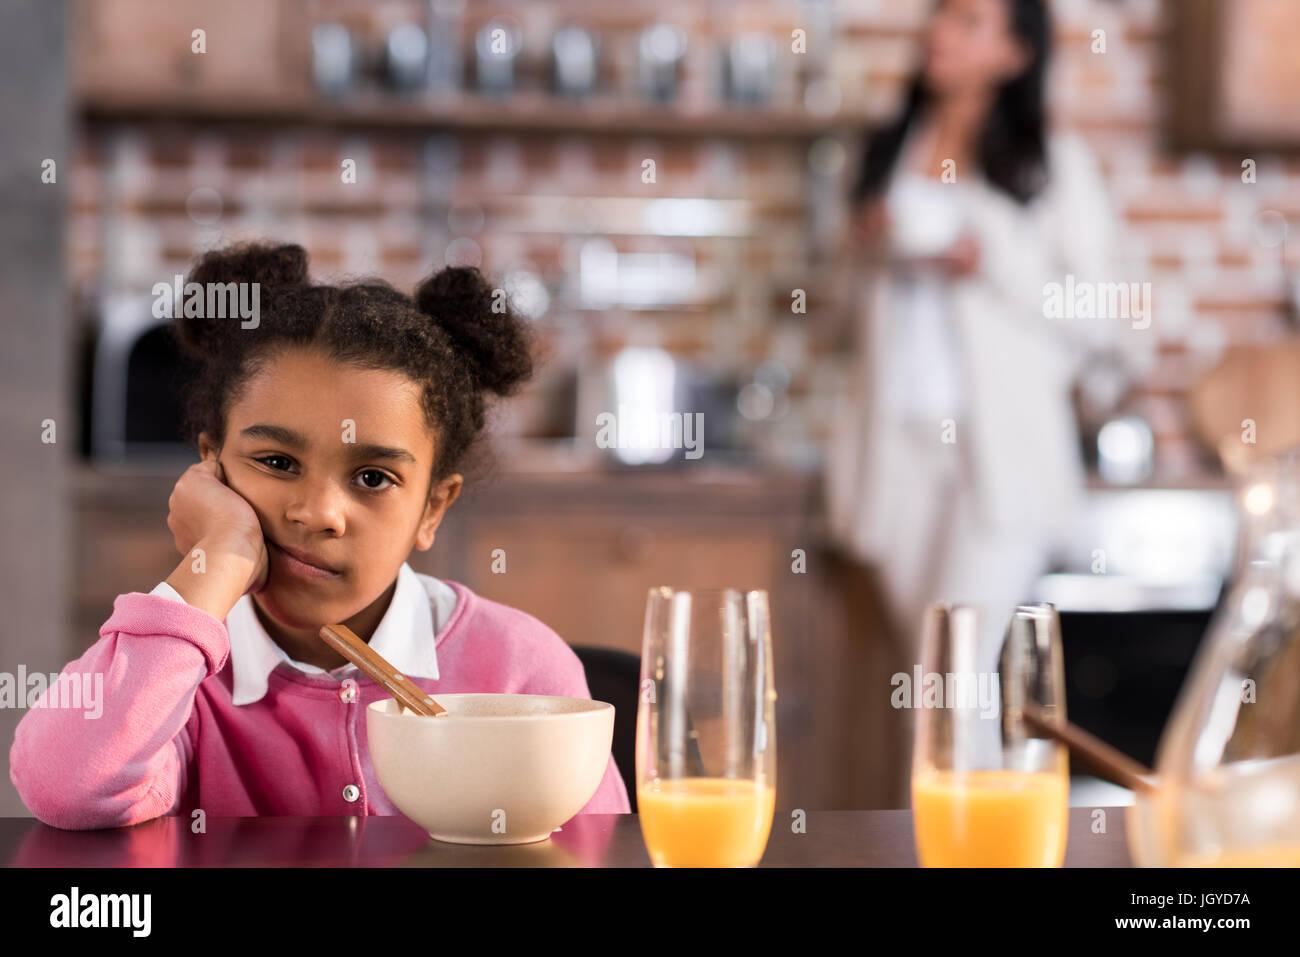 portrait of upset little girl having breakfast at home - Stock Image